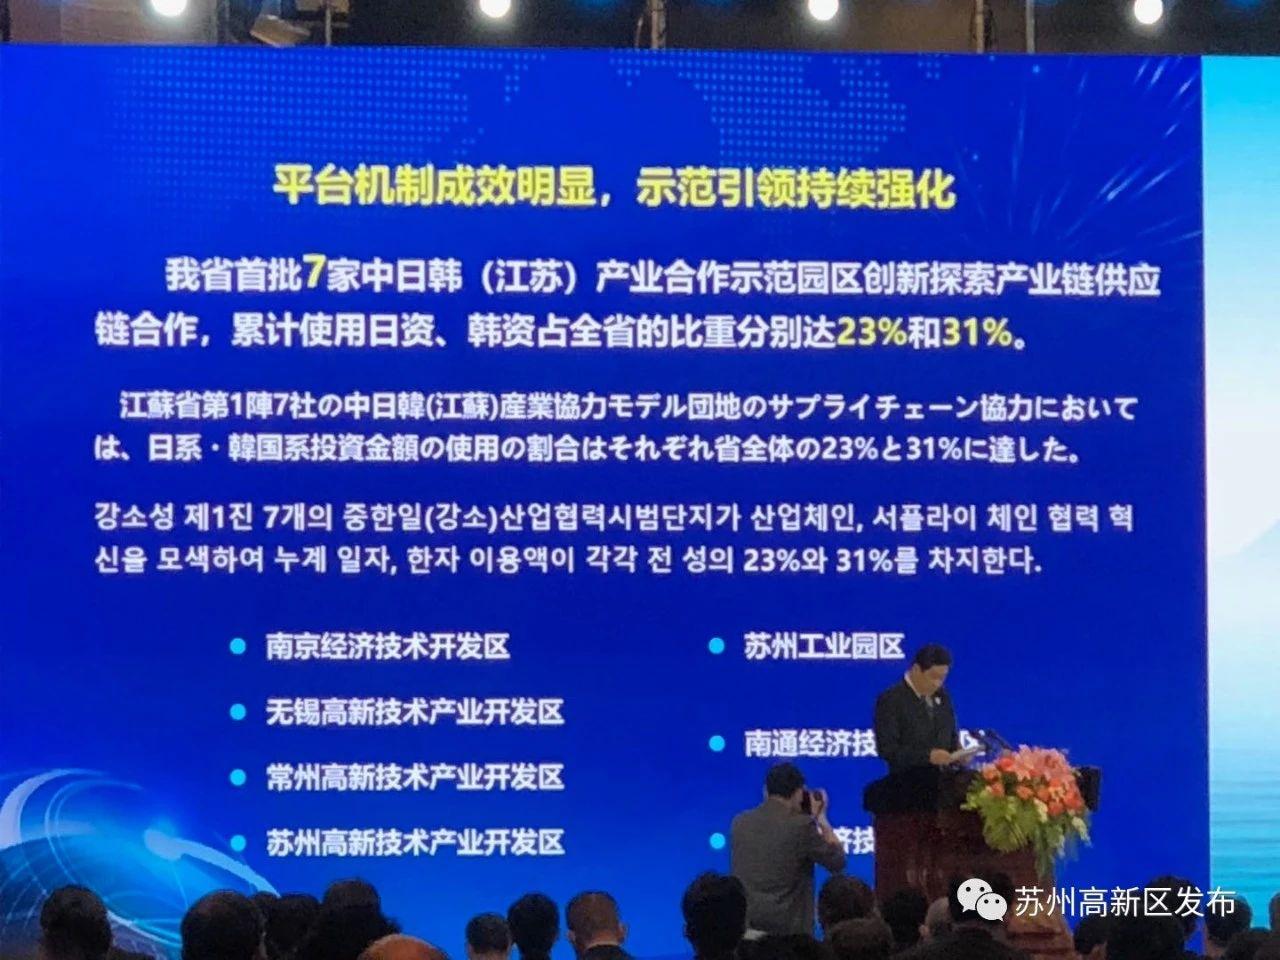 2021 江蘇省 東アジア企業家太湖フォーラム メイン会場